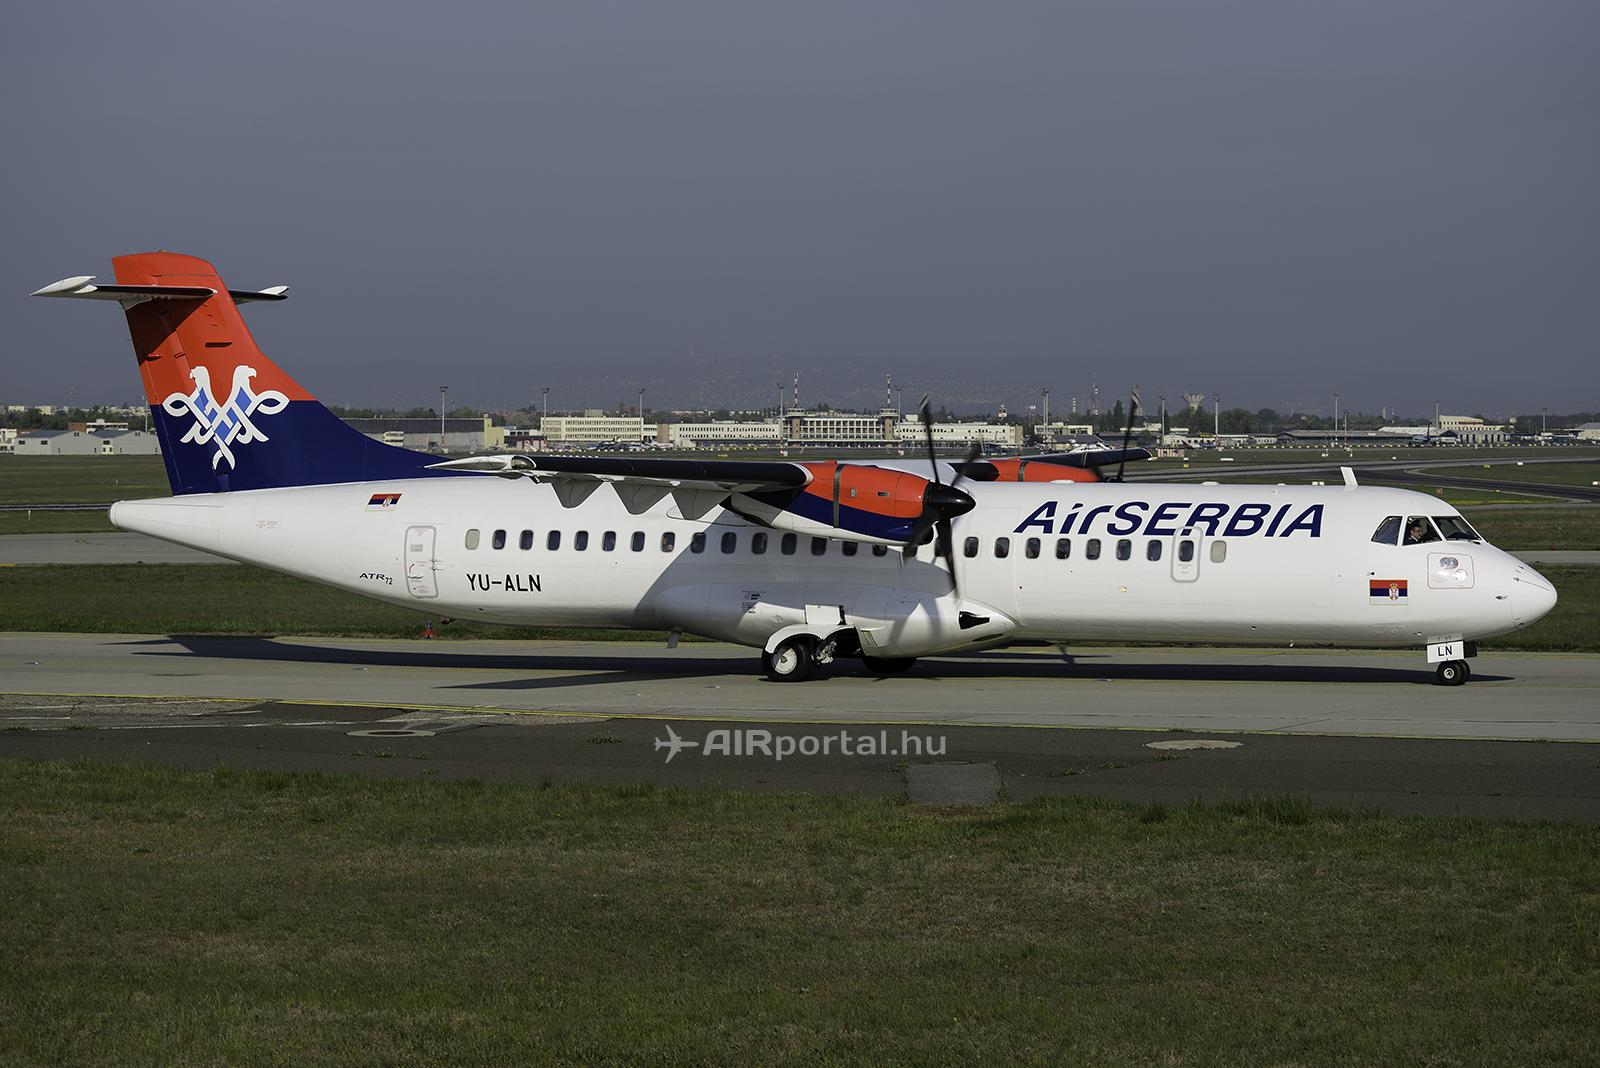 Március végétől már Budapestre is repül az Air Serbia, méghozzá napi járattal és a regionális útvonalakon üzemeltetett ATR 72-es repülőgépeivel. (Fotó: Bodorics Tamás - AIRportal.hu) | © AIRportal.hu